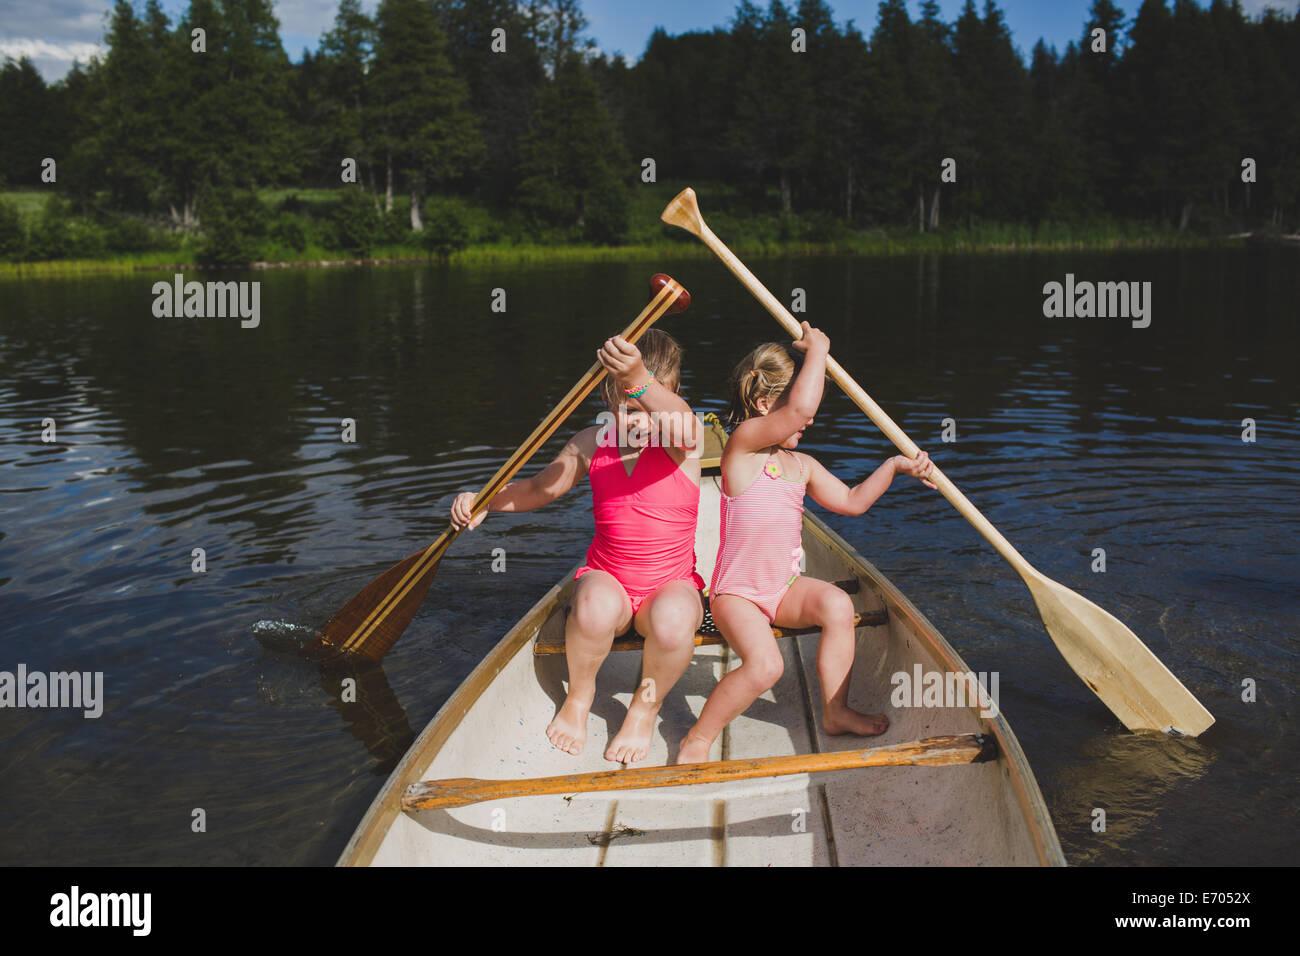 Dos hermanas jóvenes remar en canoa en Indian River, Ontario, Canadá Imagen De Stock